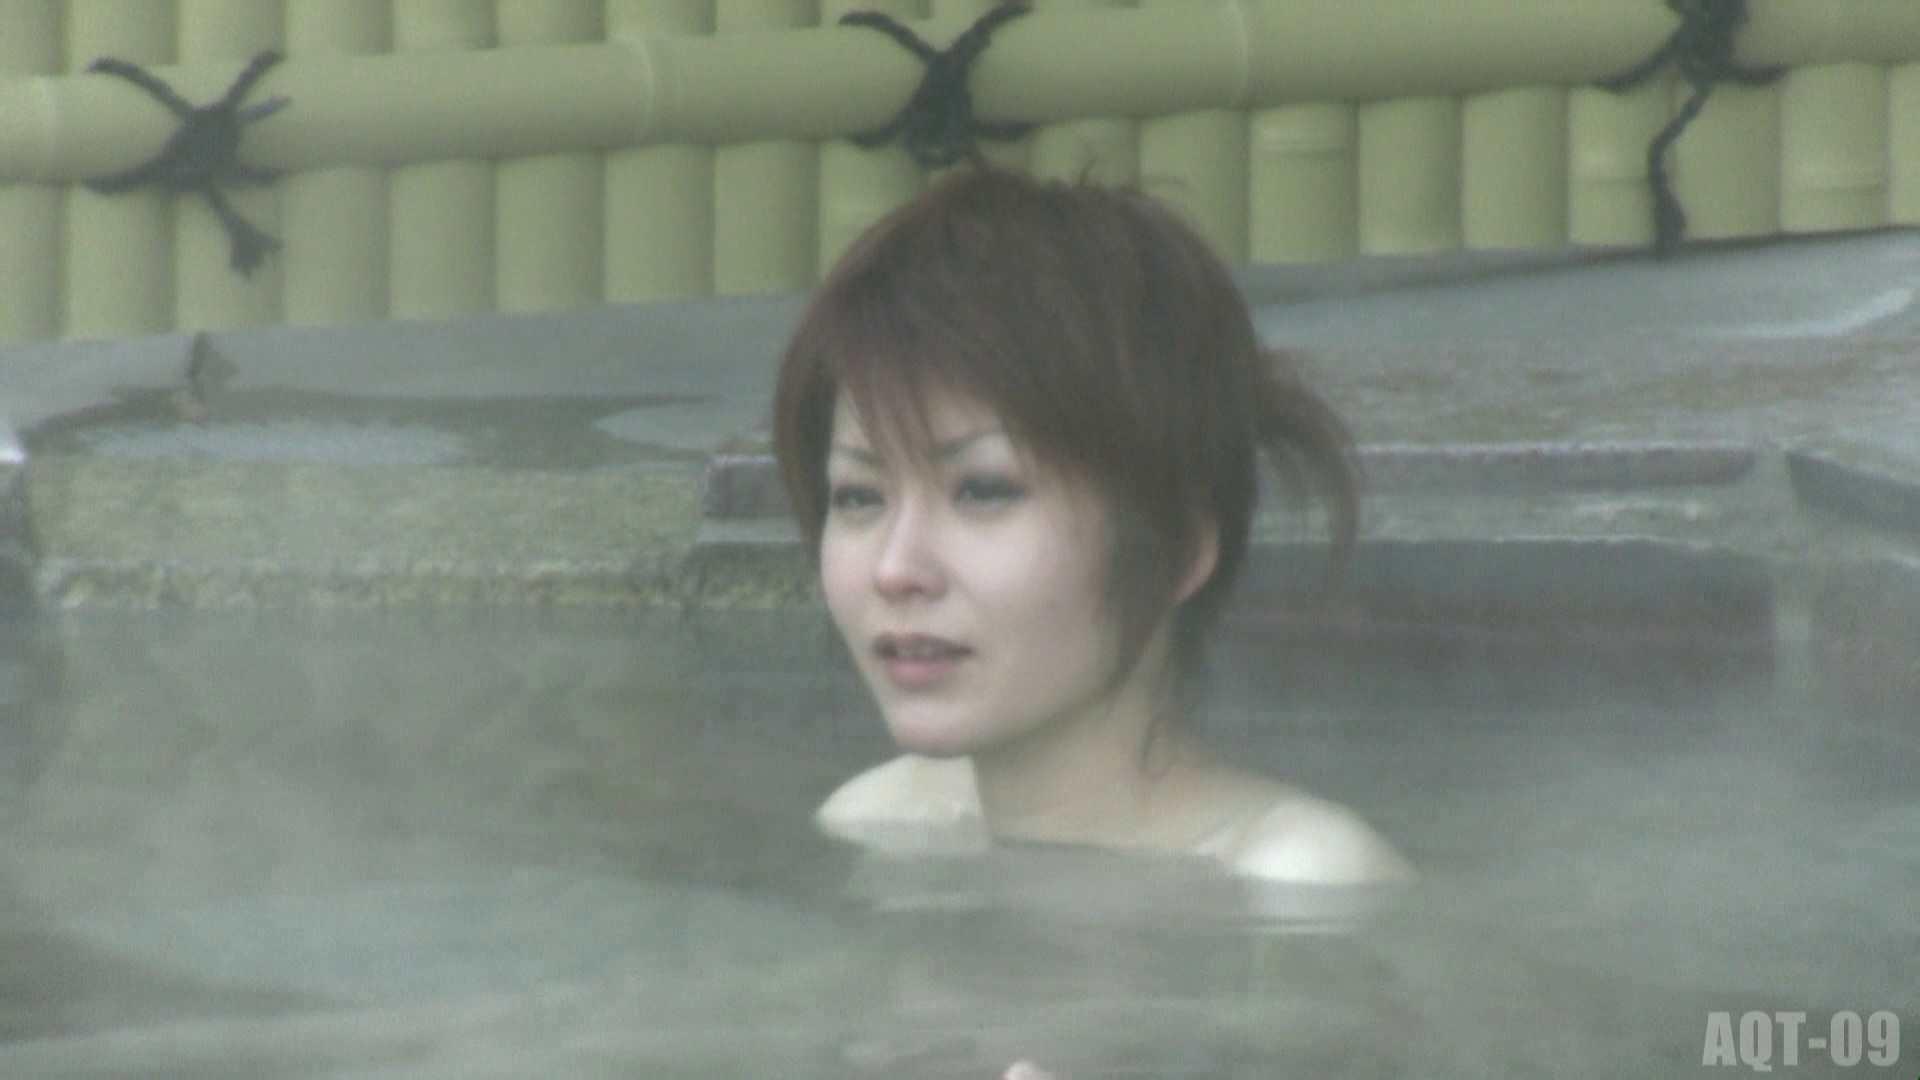 Aquaな露天風呂Vol.779 盗撮  107画像 3